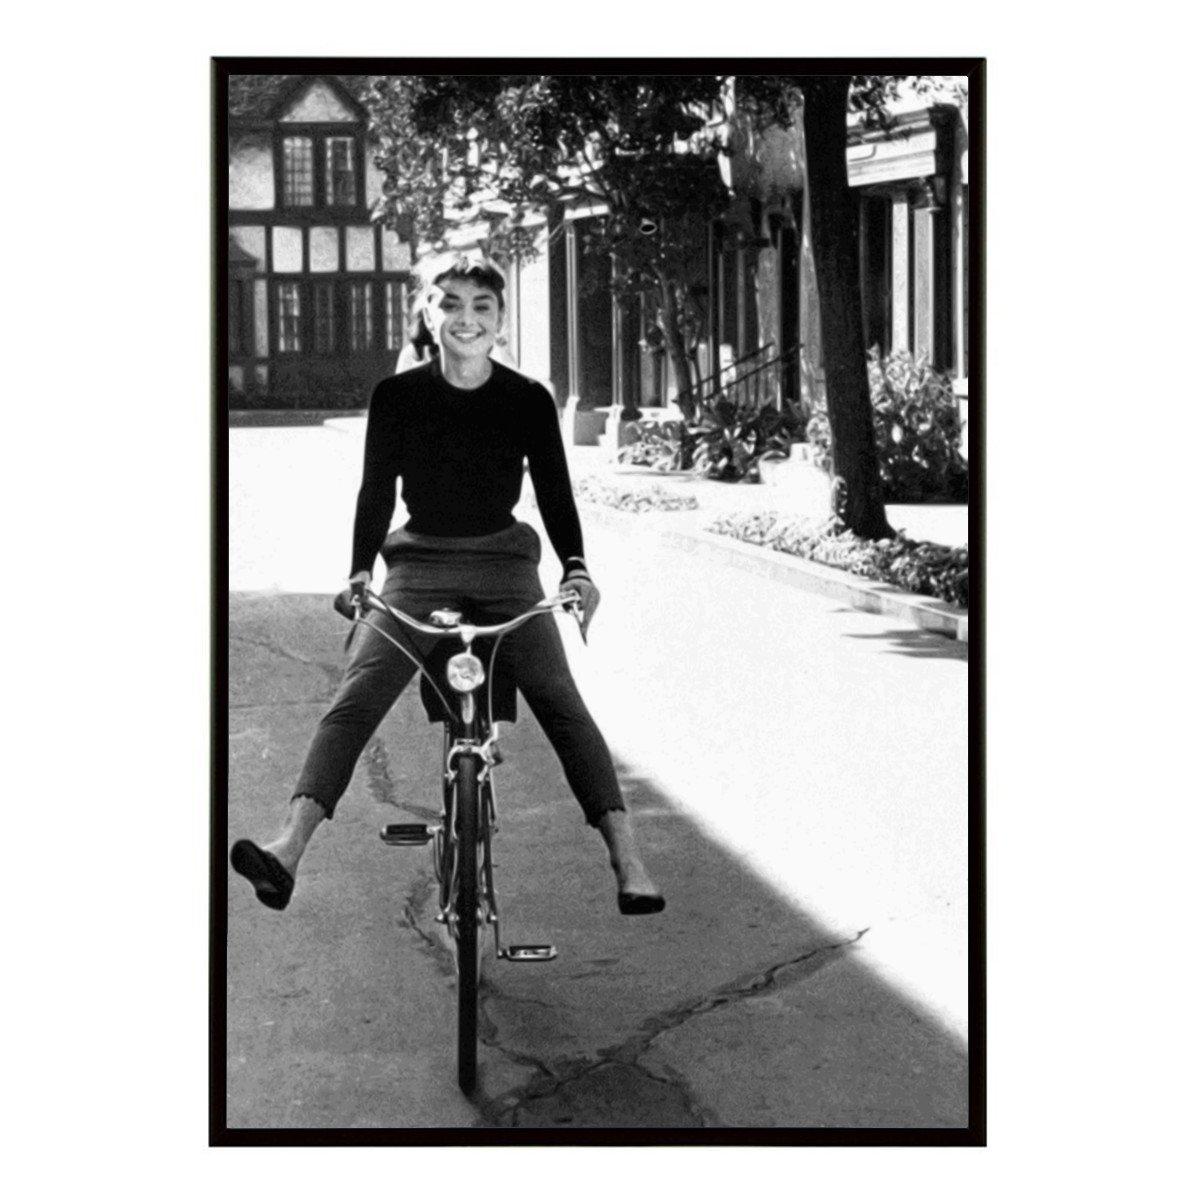 Aroma of Paris アートポスター おしゃれ インテリア 北欧 モノクロ アート #181 A1 ブラックフレーム B079QXMCJ6 B2 (515 x 728mm)|ゴールドフレーム ゴールドフレーム B2 (515 x 728mm)